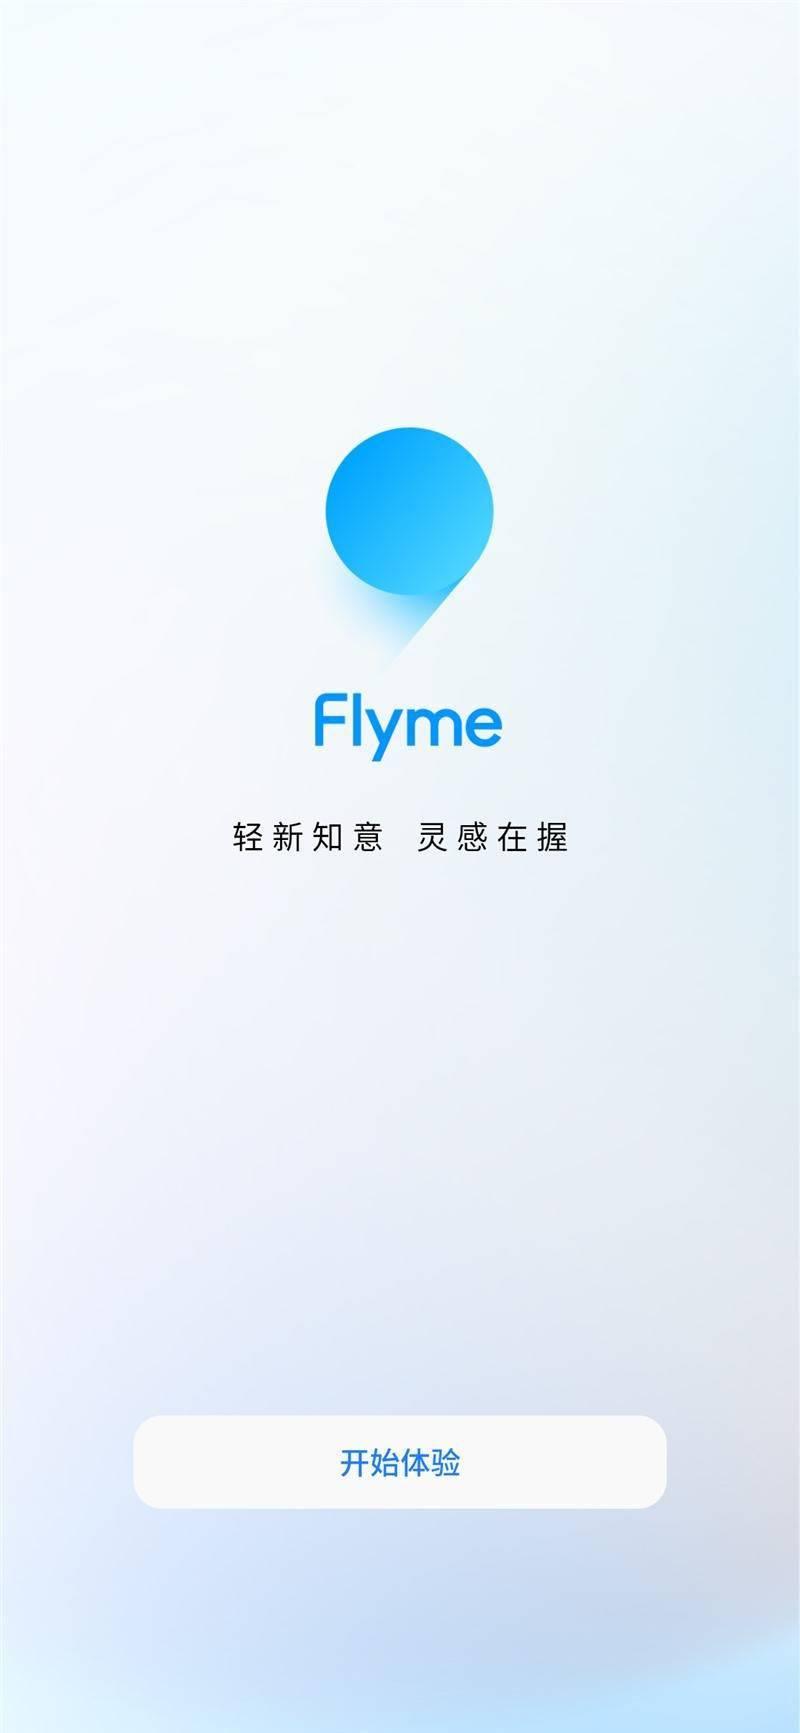 魅族 17 系列现已收到 Flyme 9 内测版推送